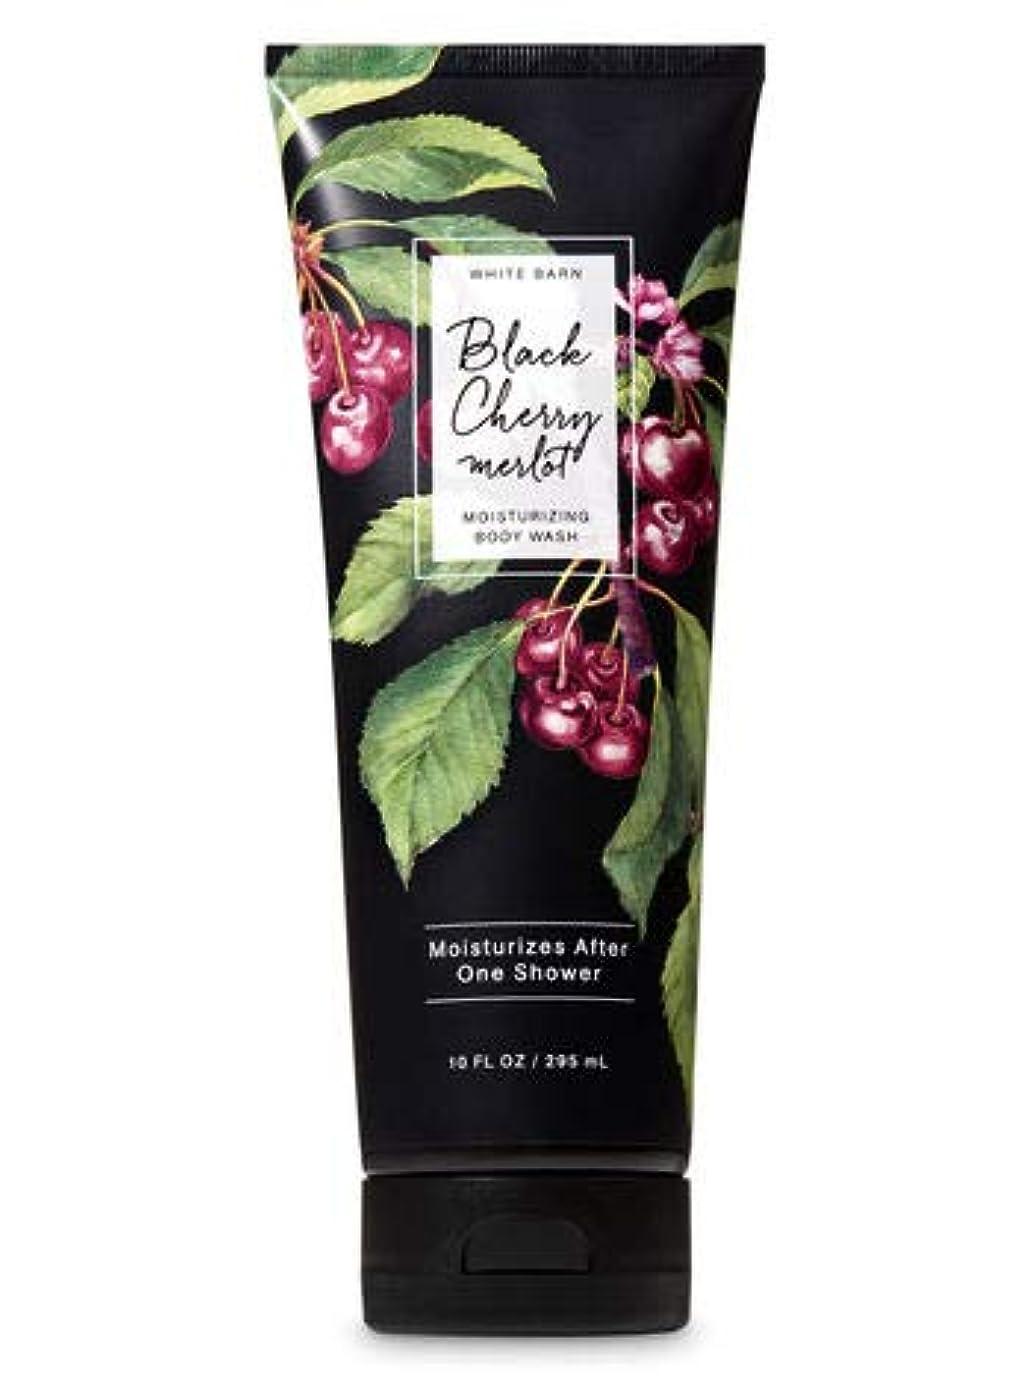 シャンパン小学生爆発物【Bath&Body Works/バス&ボディワークス】 モイスチャライジングボディウォッシュ ブラックチェリーメルロー Moisturizing Body Wash Black Cherry Merlot 10 fl oz / 295 mL [並行輸入品]